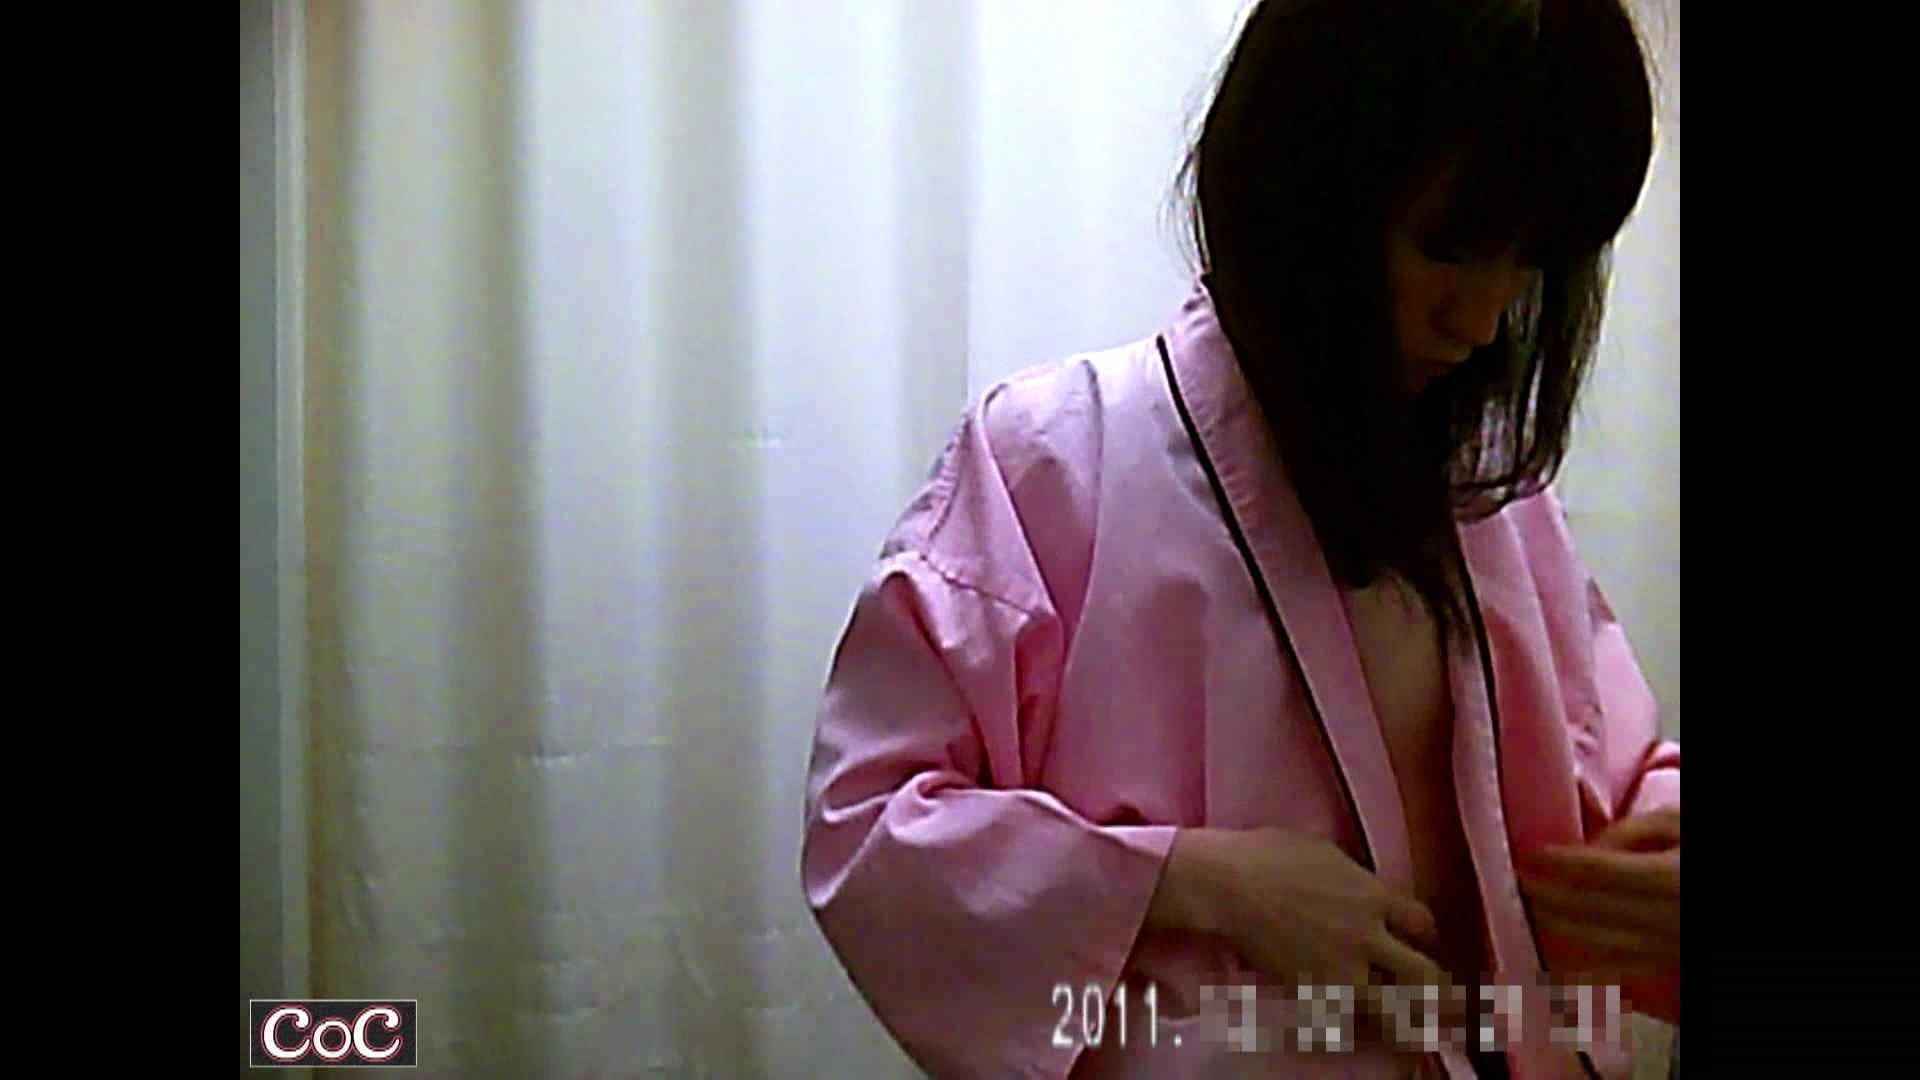 元医者による反抗 更衣室地獄絵巻 vol.188 OLハメ撮り  59Pix 51